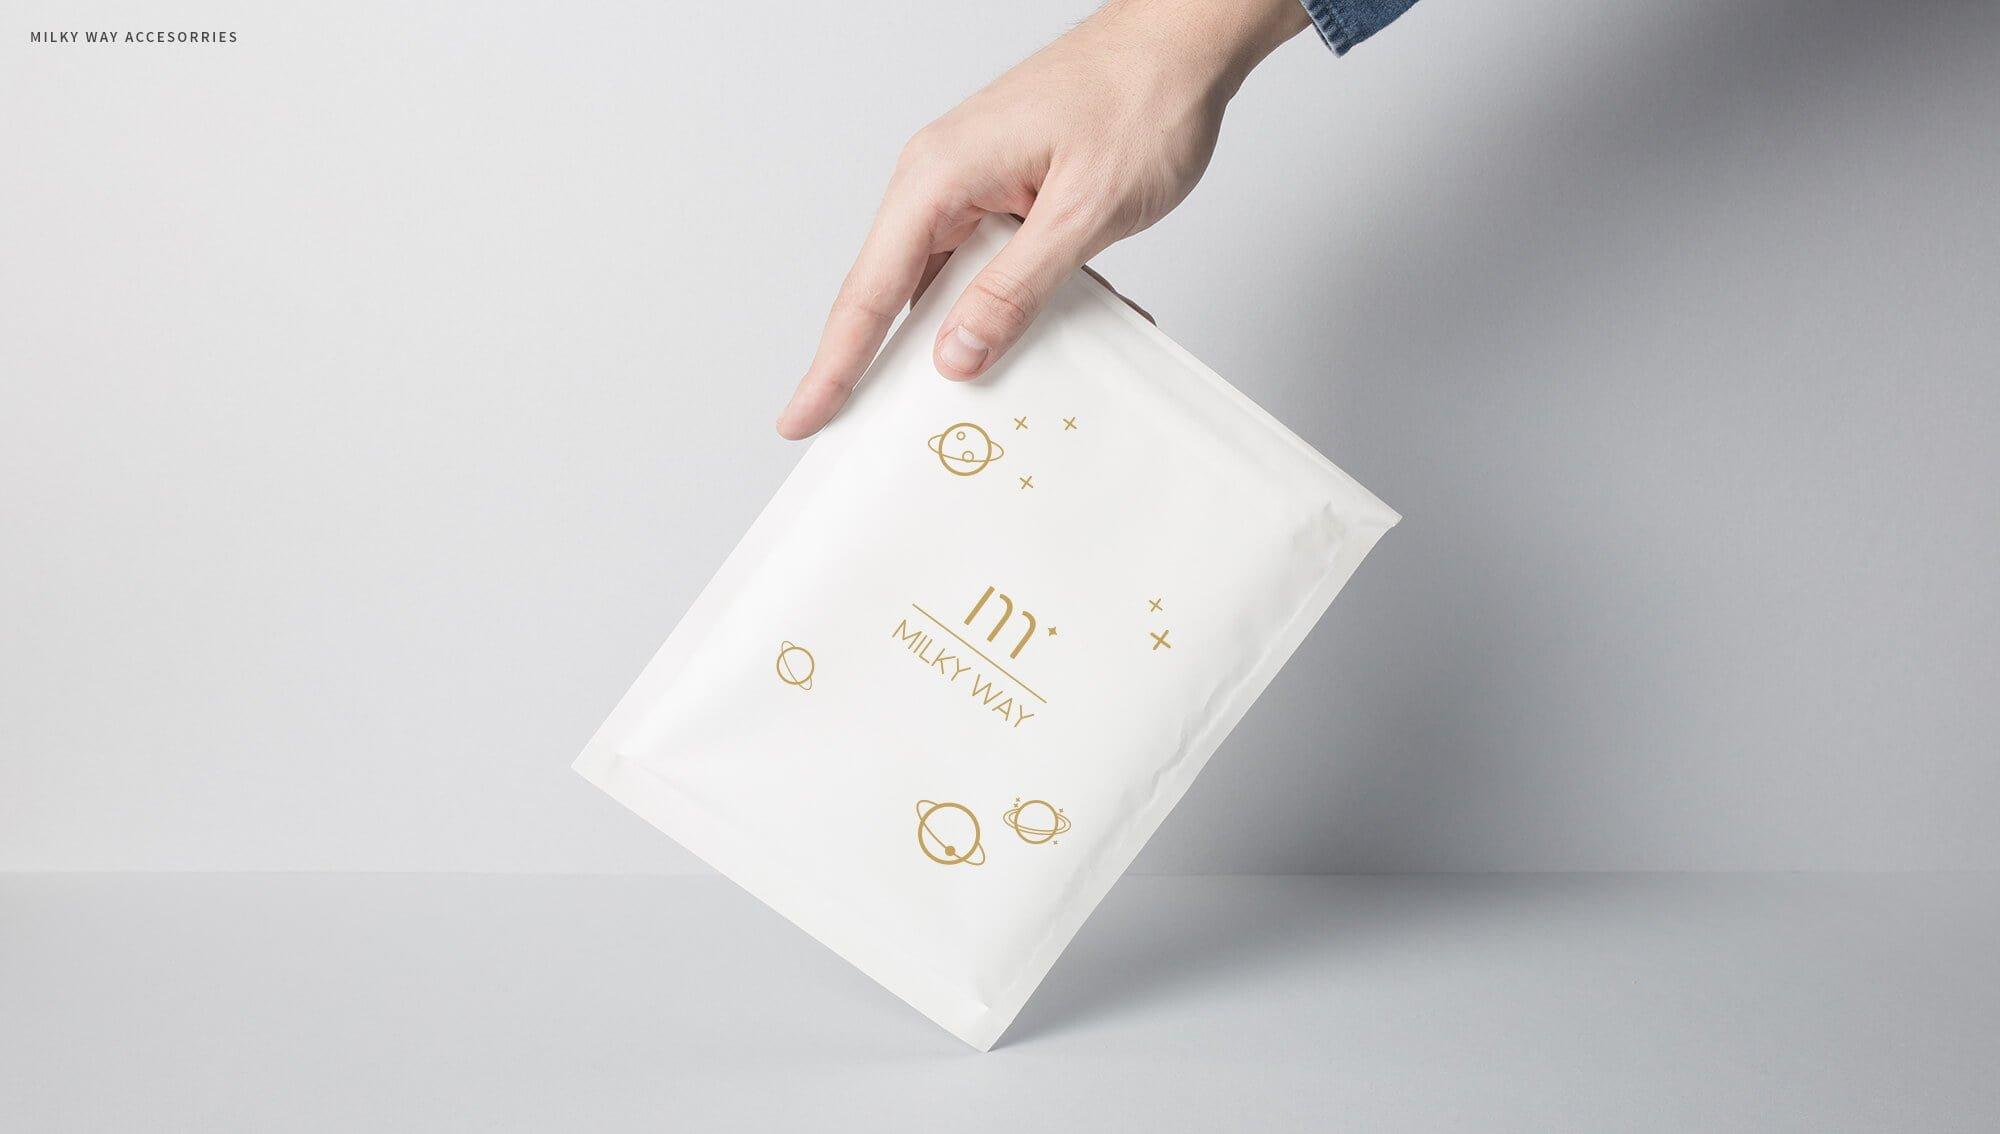 產品包裝 | 盒形設計 | 各類包裝設計就讓傑克大俠來協助您創造經典設計